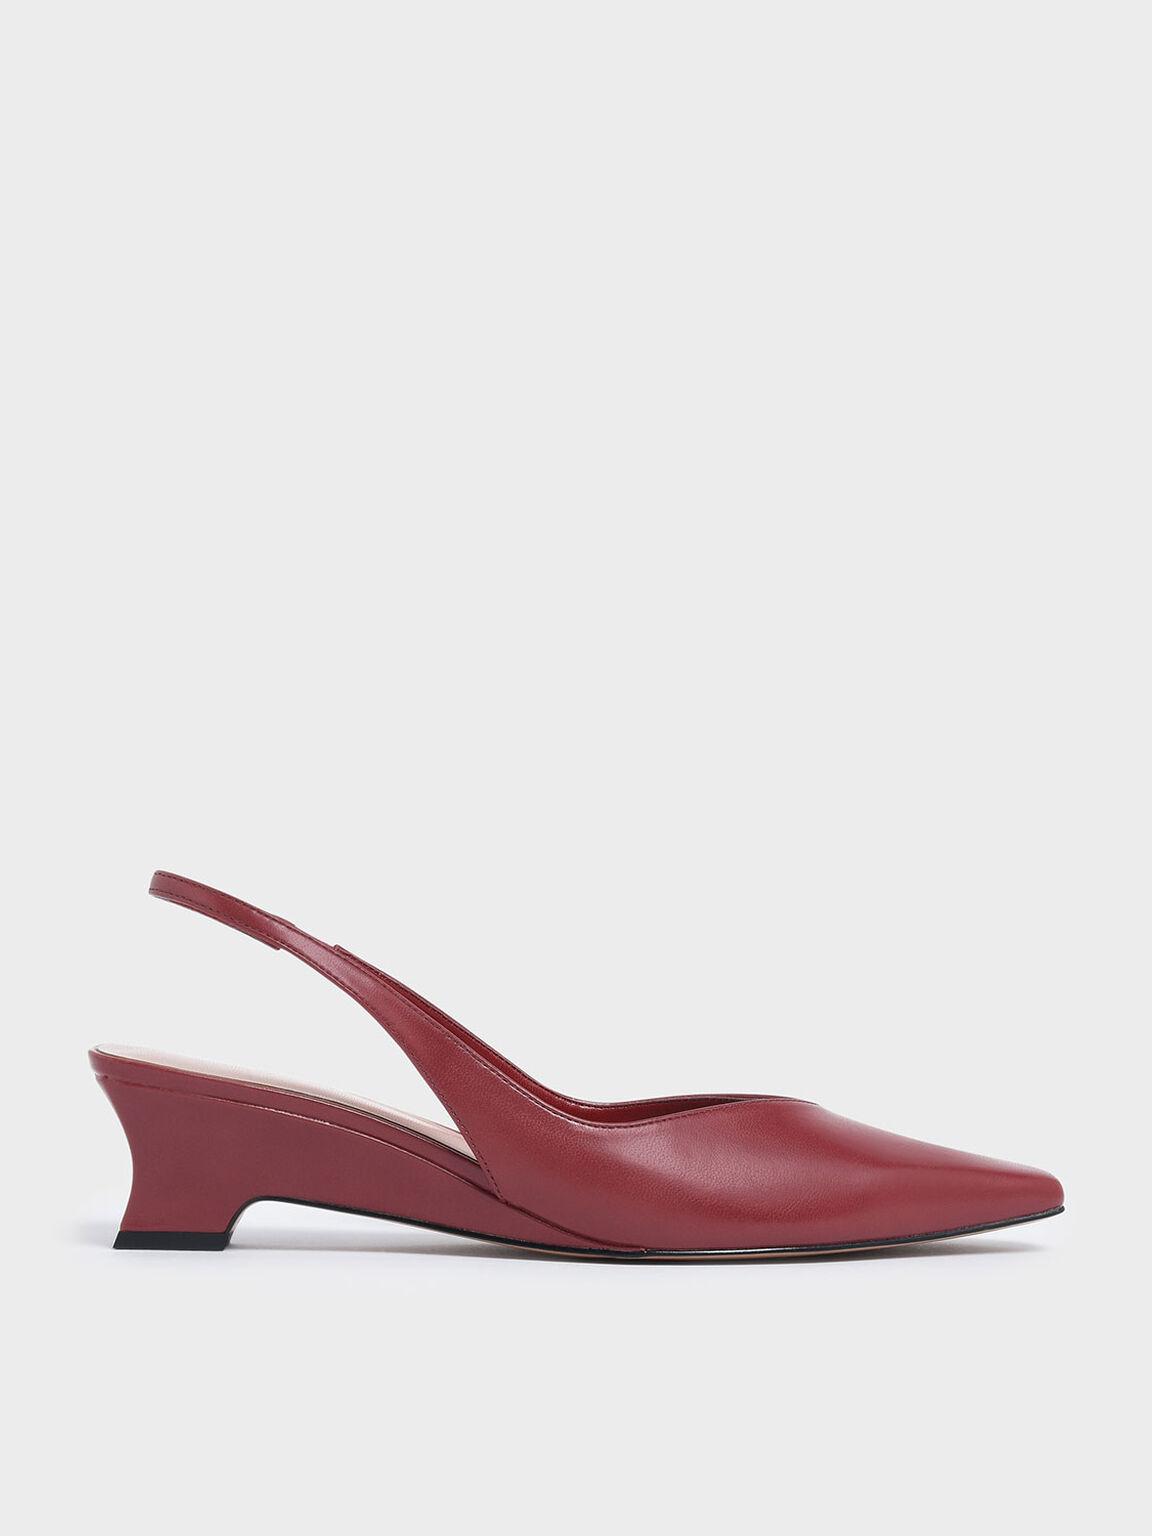 V-Cut Low Sculptural Heel Slingback Pumps, Pink, hi-res